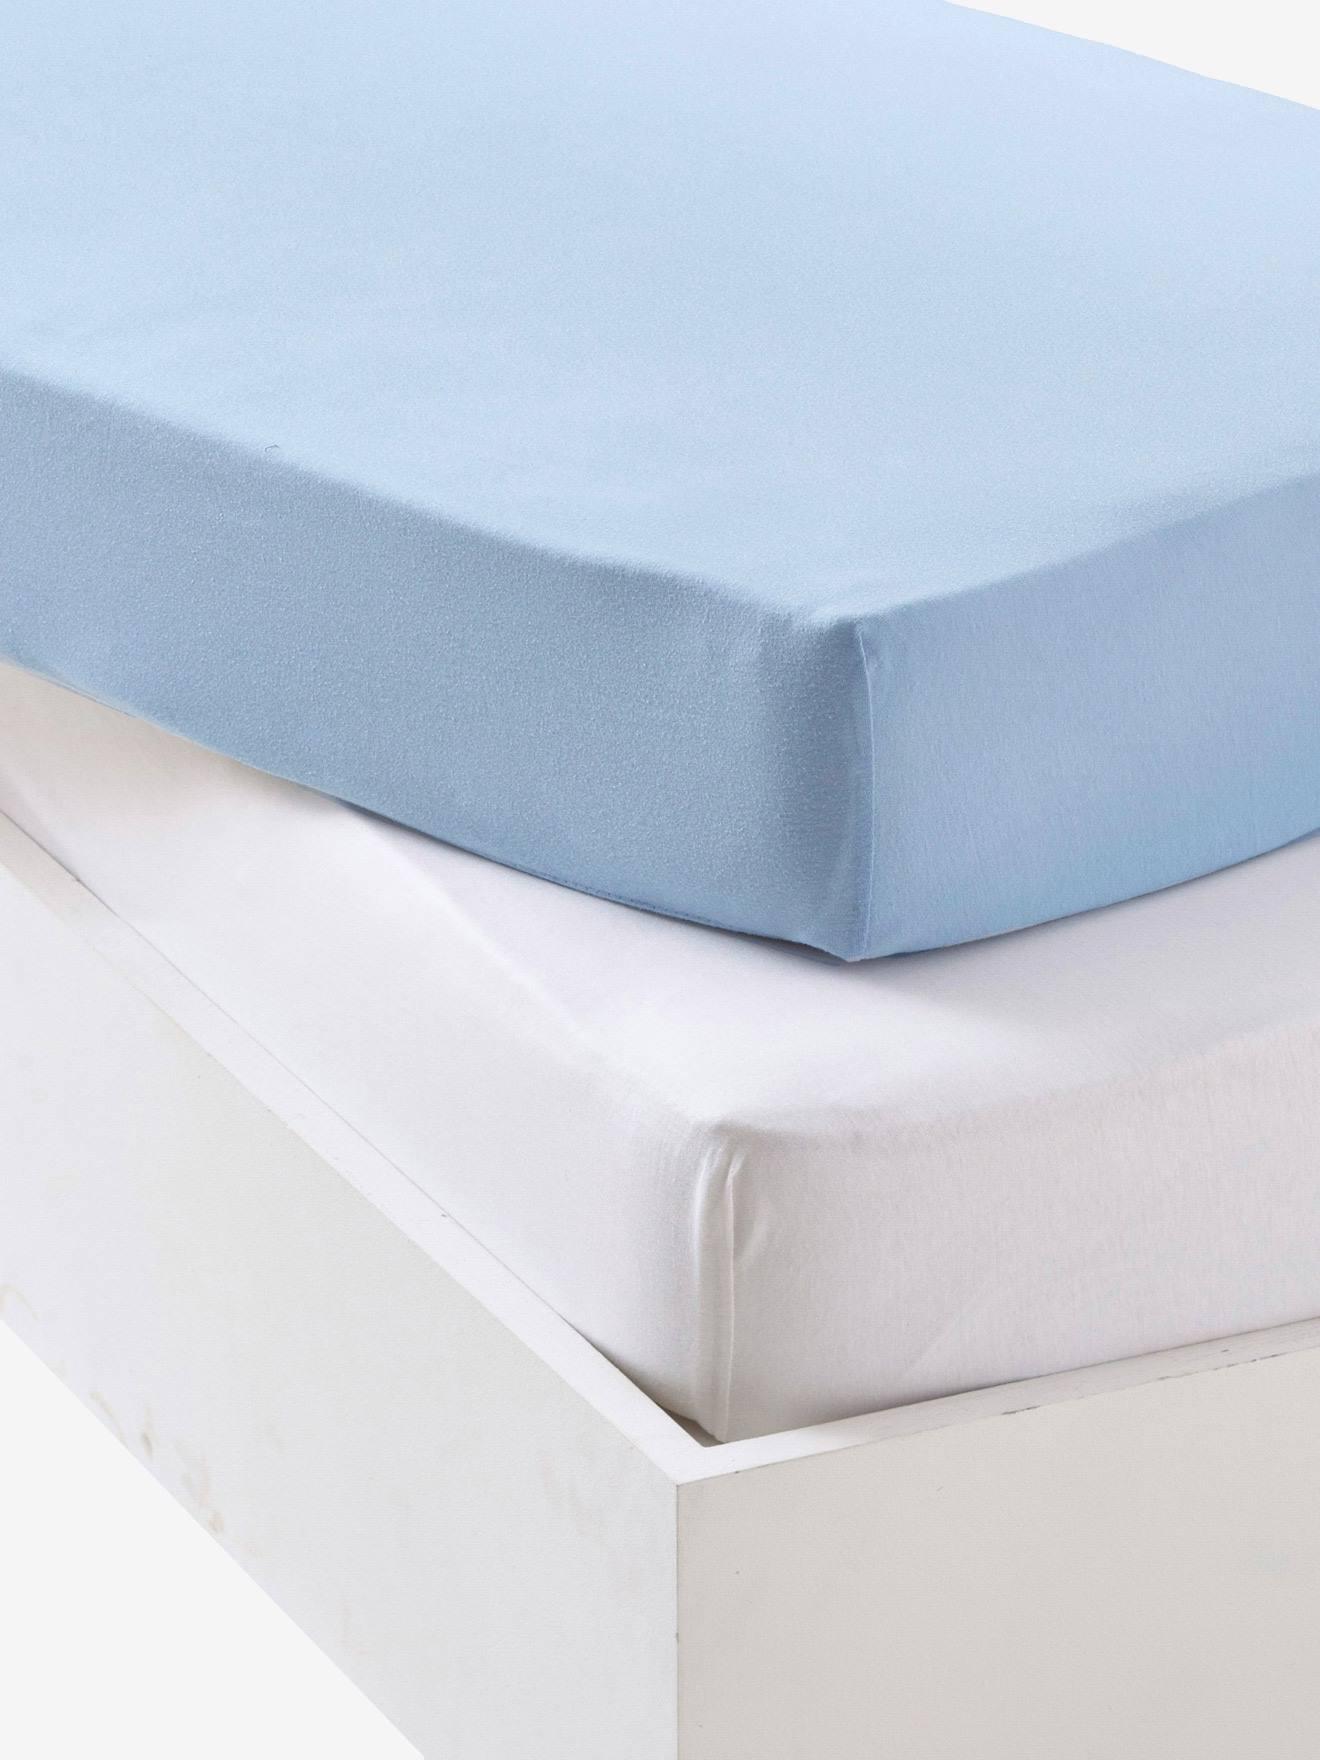 Lot de 2 draps-housses bébé en jersey extensible - bleu + blanc 79685dcb4ec